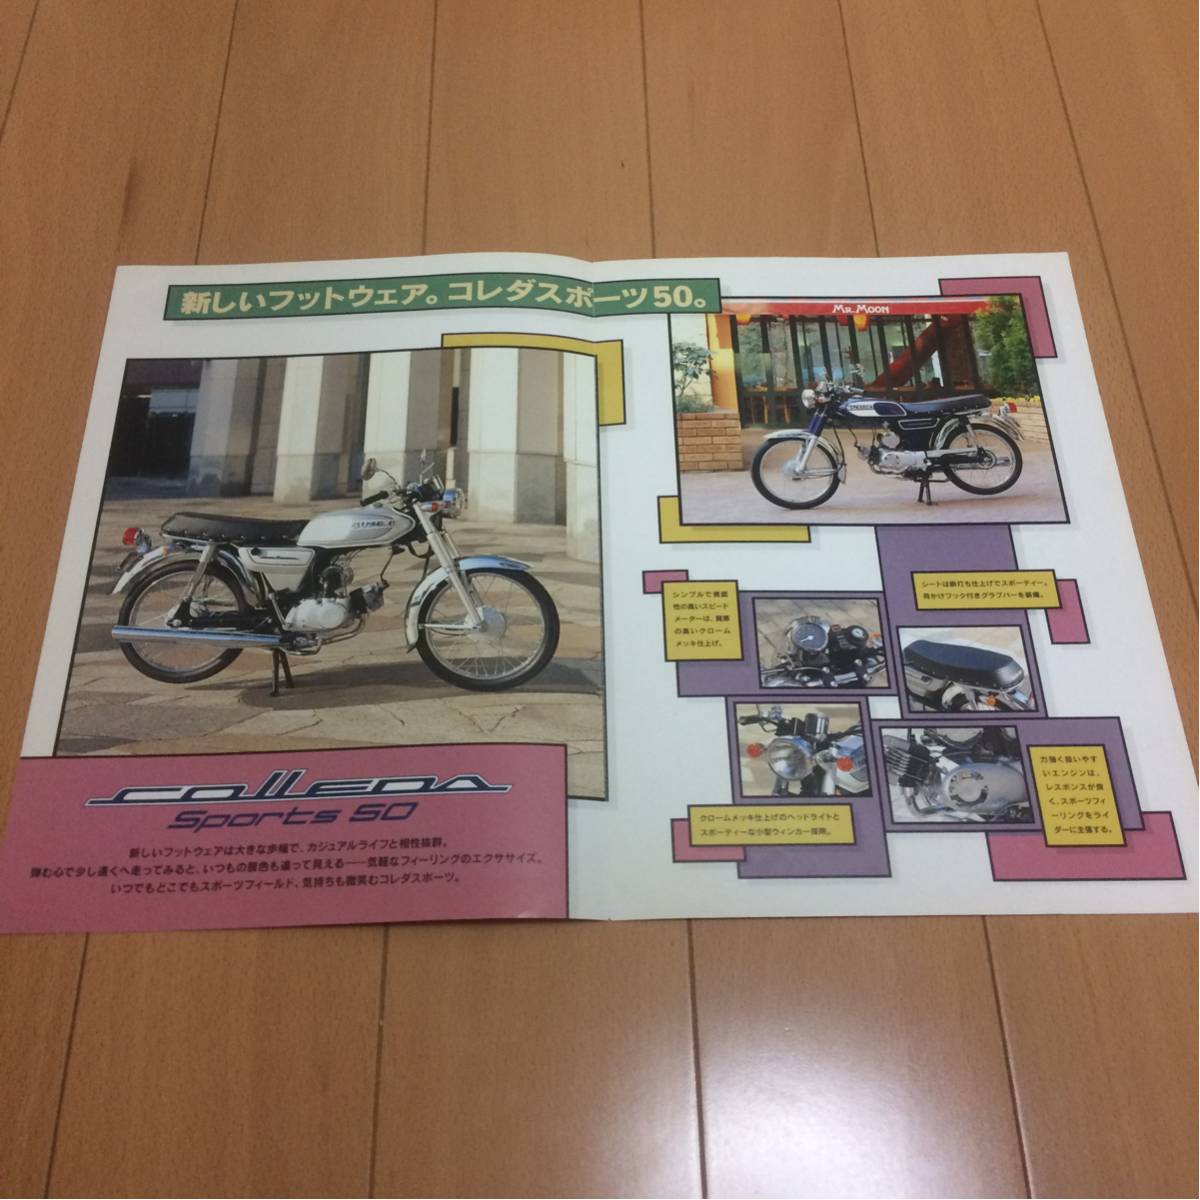 旧車カタログ SUZUKI スズキ コレダスポーツ 50 カタログ パンフレット 中古 96年_画像2